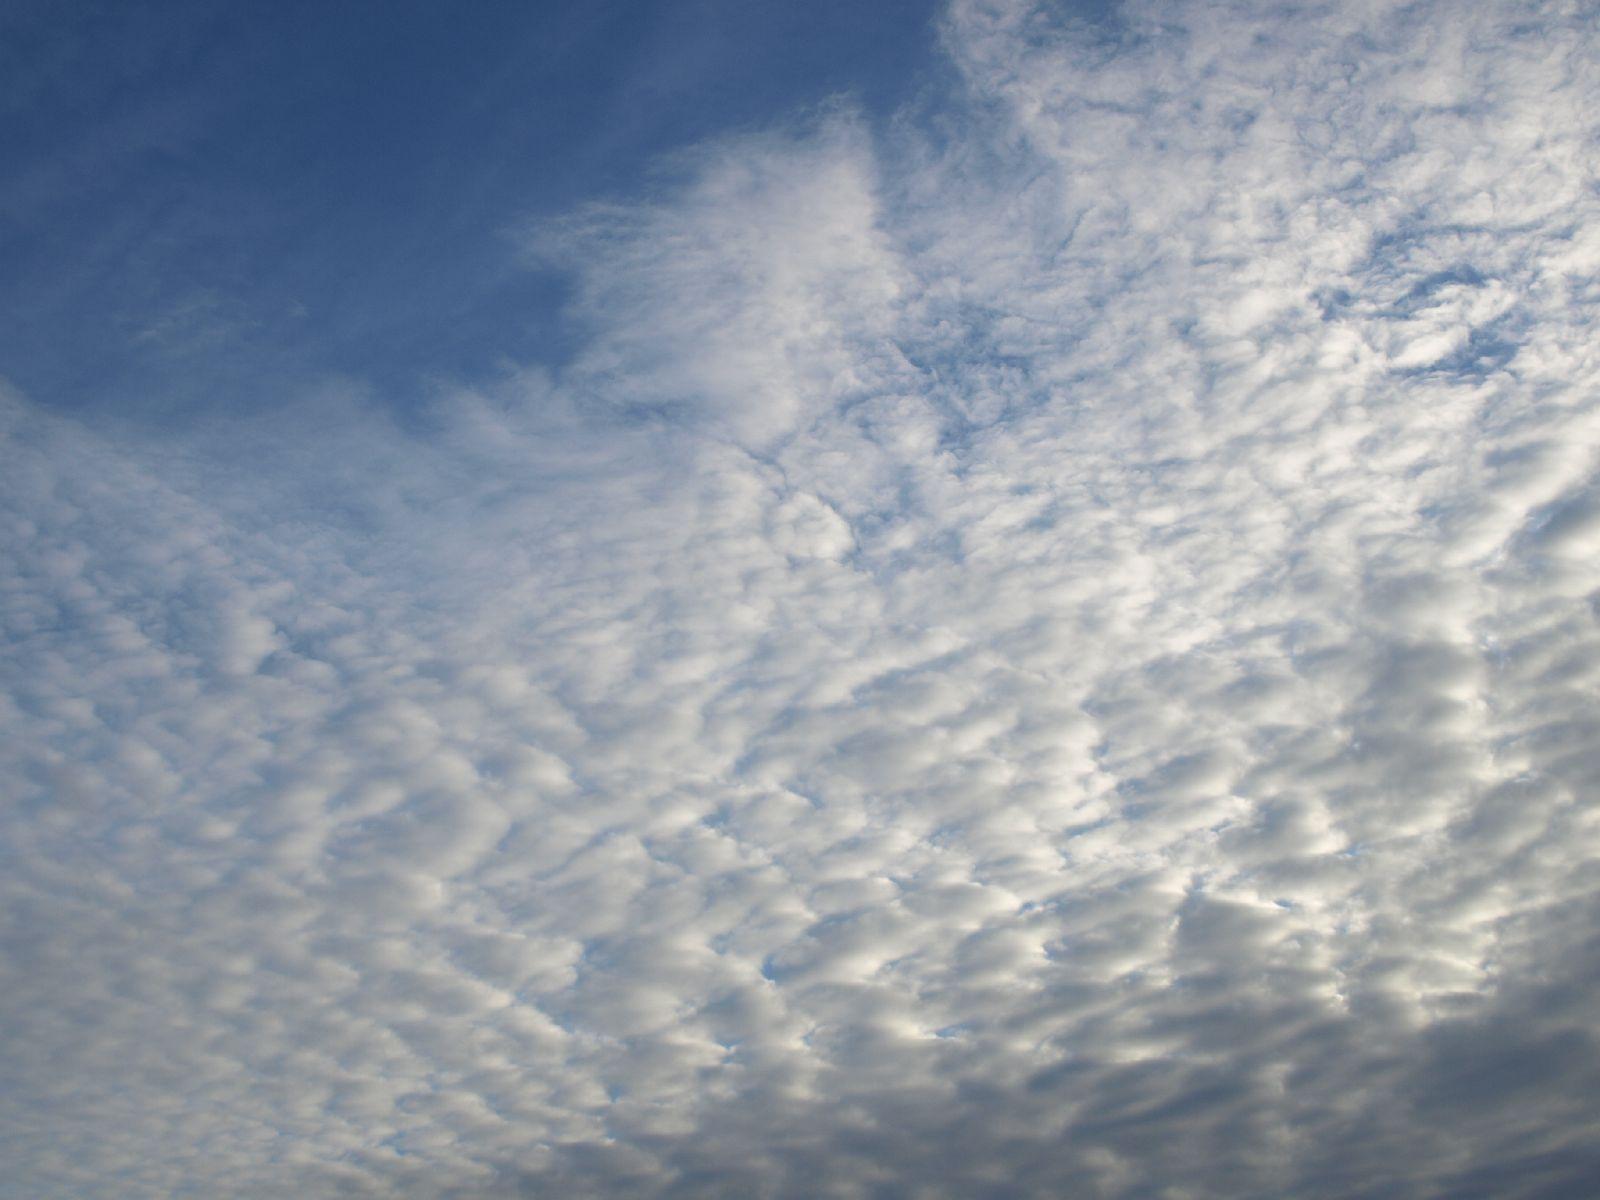 Himmel-Wolken-Foto_Textur_A_P8024089